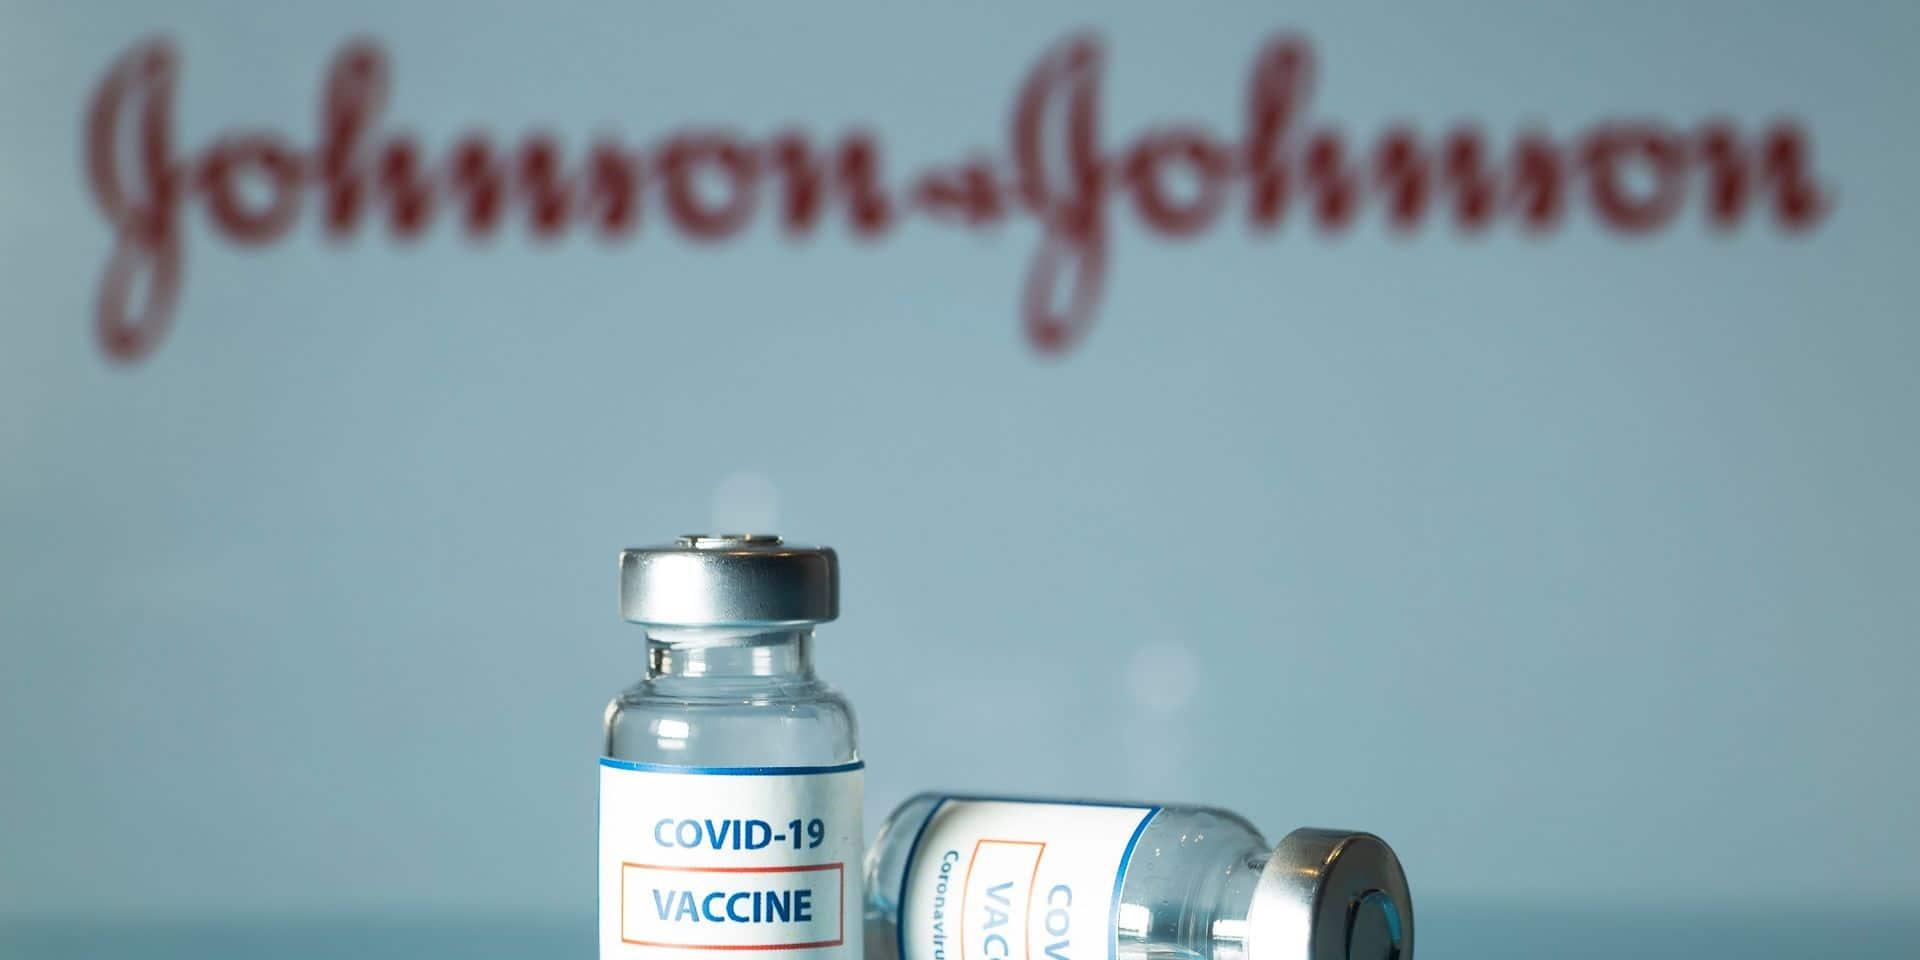 """Décès d'une personne ayant reçu le vaccin Johnson & Johnson : l'Agence américaine des médicaments recommande """"une pause"""" du vaccin"""